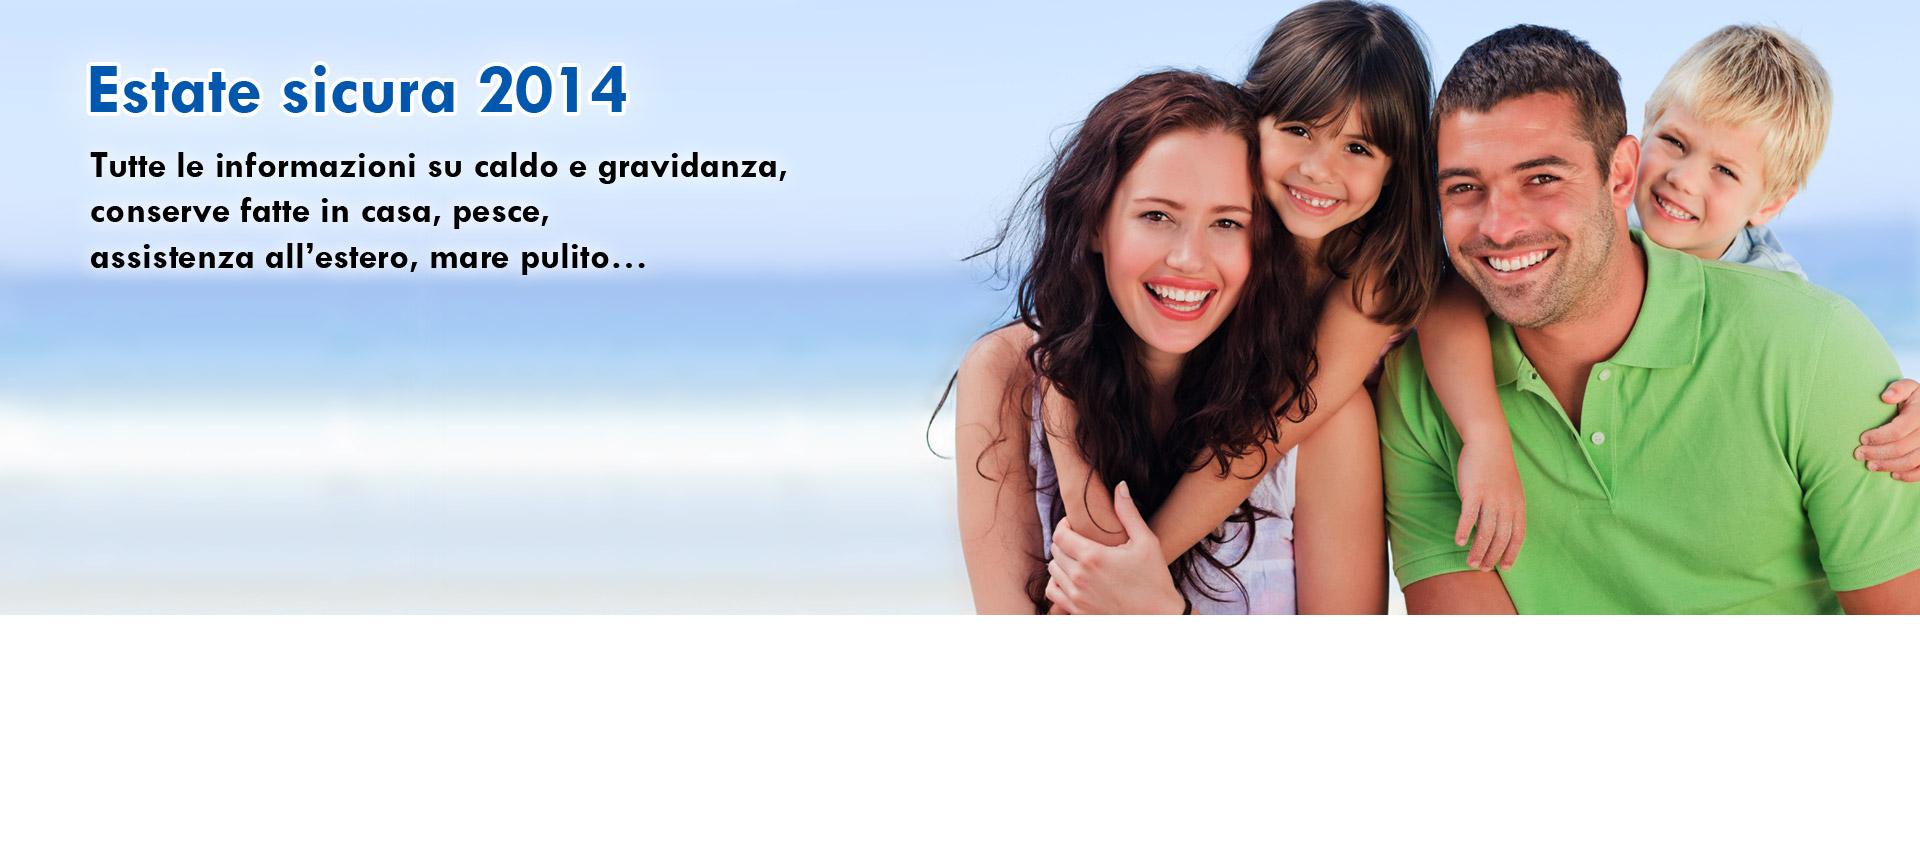 Campagna di comunicazione estate sicura 2014. Tutte le informazioni su caldo e gravidanza, conserve fatte in casa, pesce,assistenza all'estero, mare pulito...